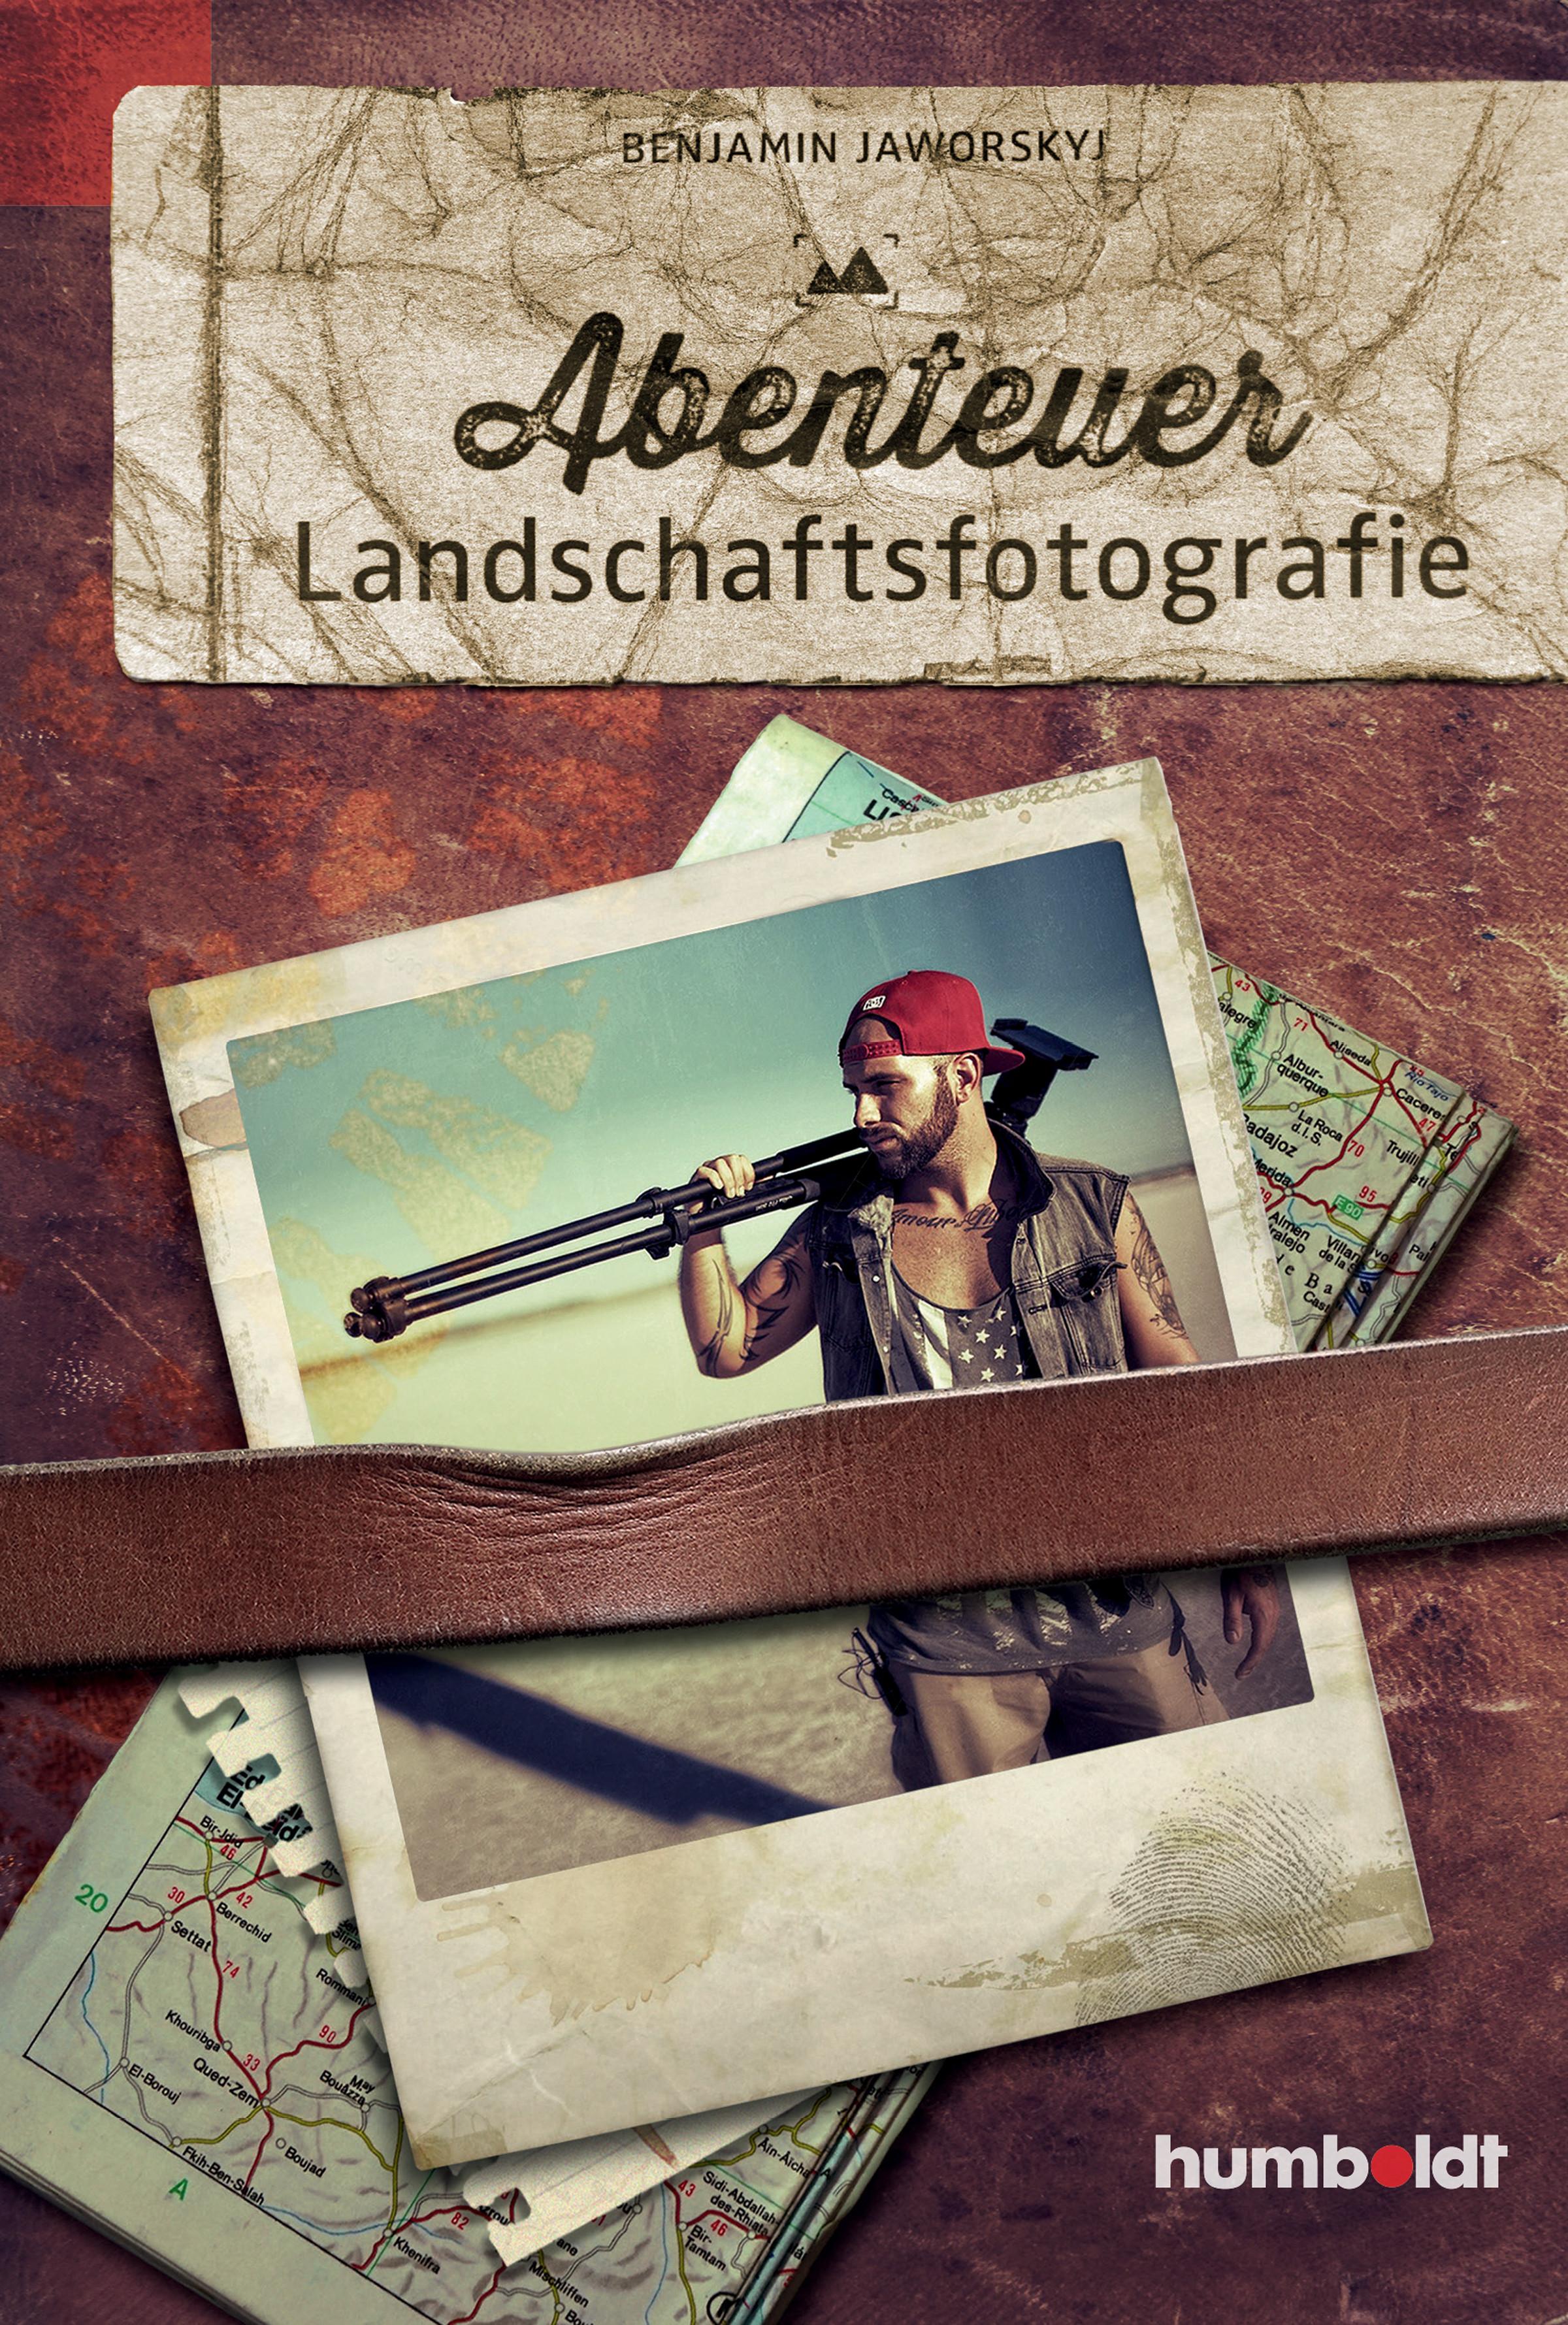 Abenteuer-Landschaftsfotografie-Benjamin-Jaworskyj